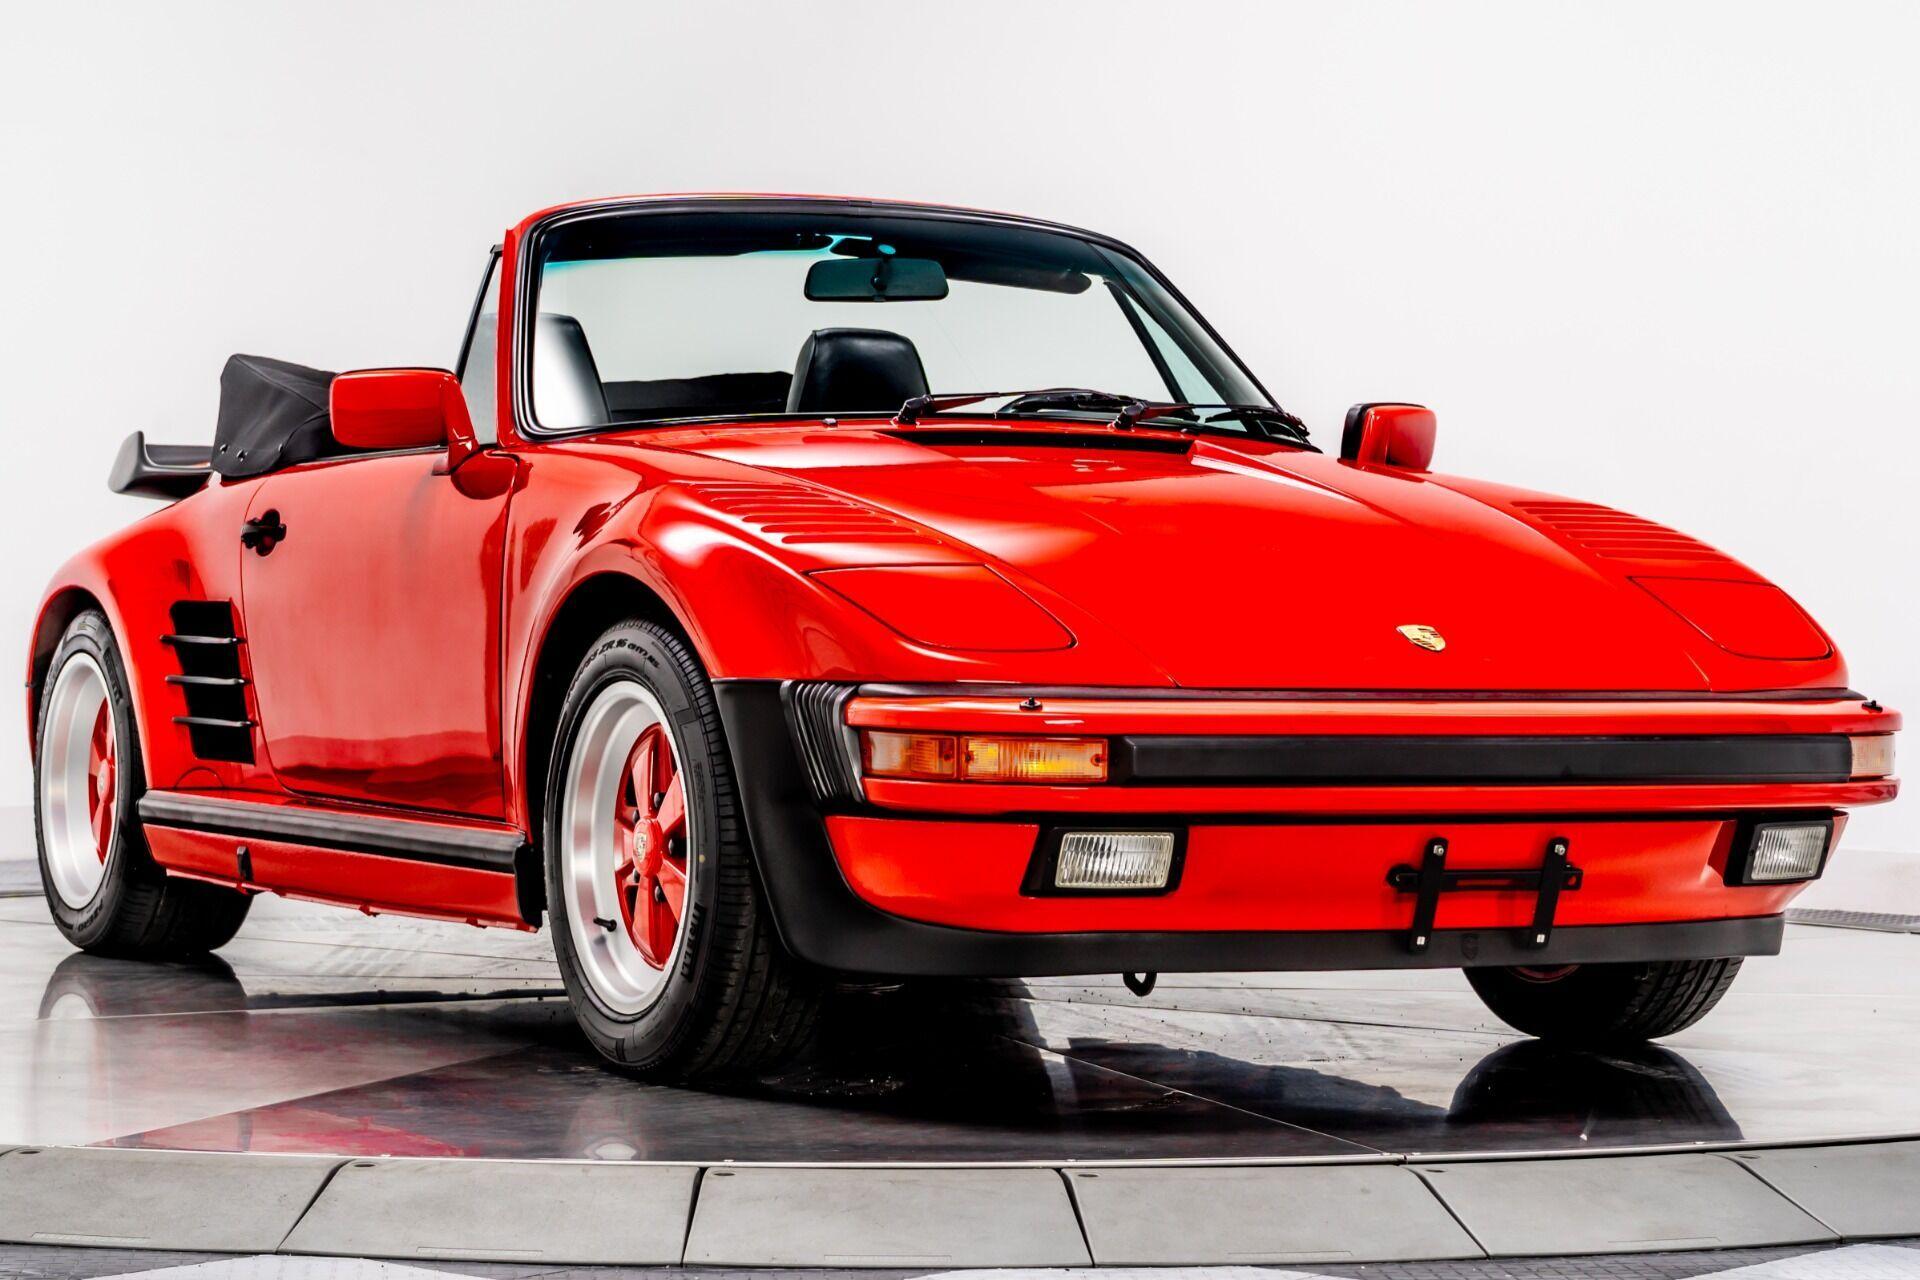 Кабріолет 911 Turbo Slantnose Cabriolet виготовили у 1988 році